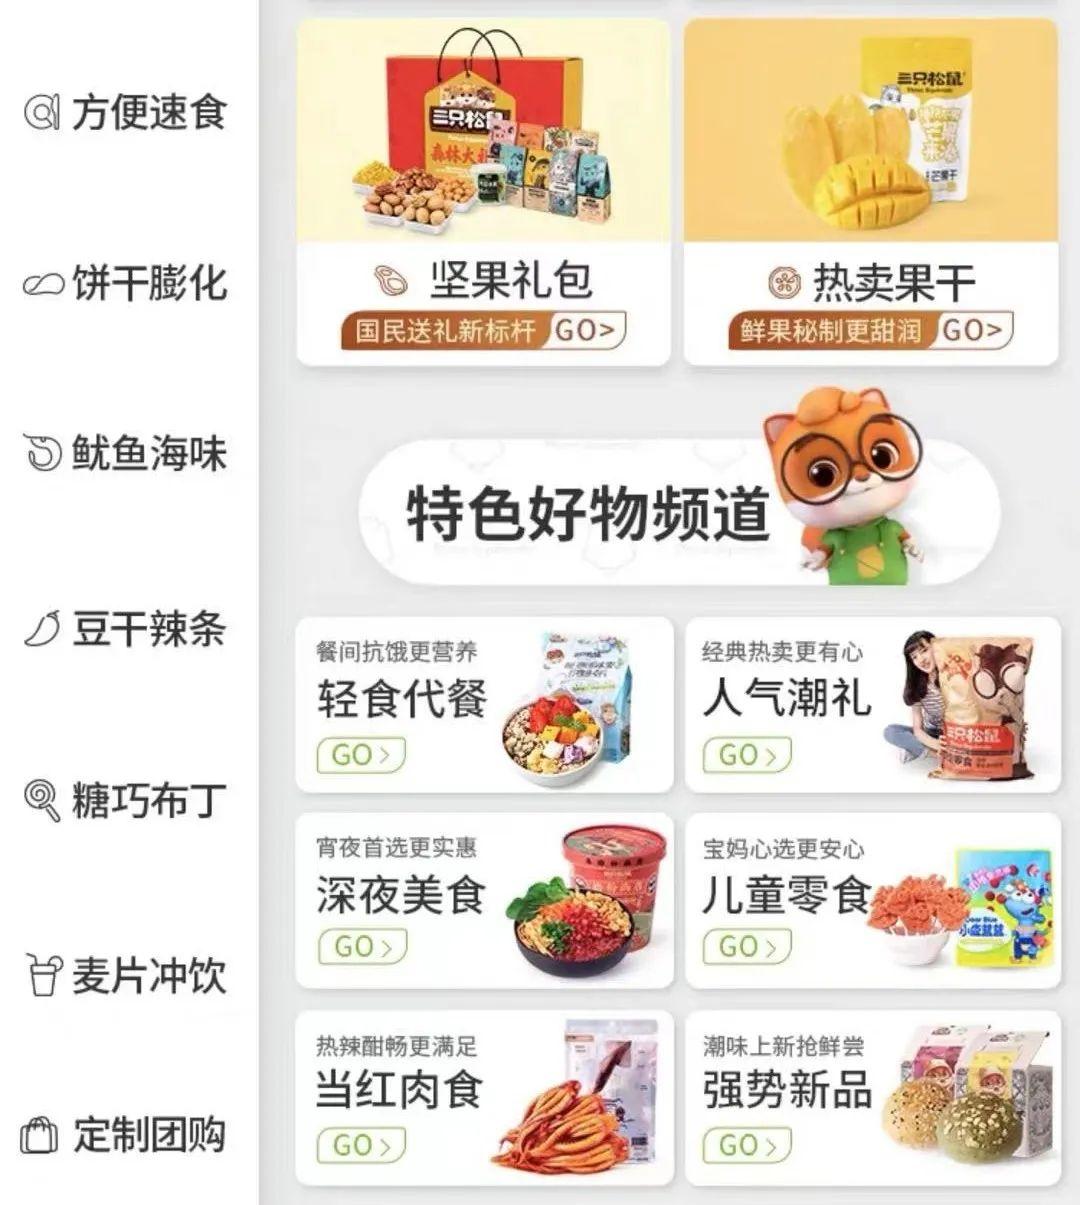 互联网平台进军新消费食品领域,这会是一门好生意吗?